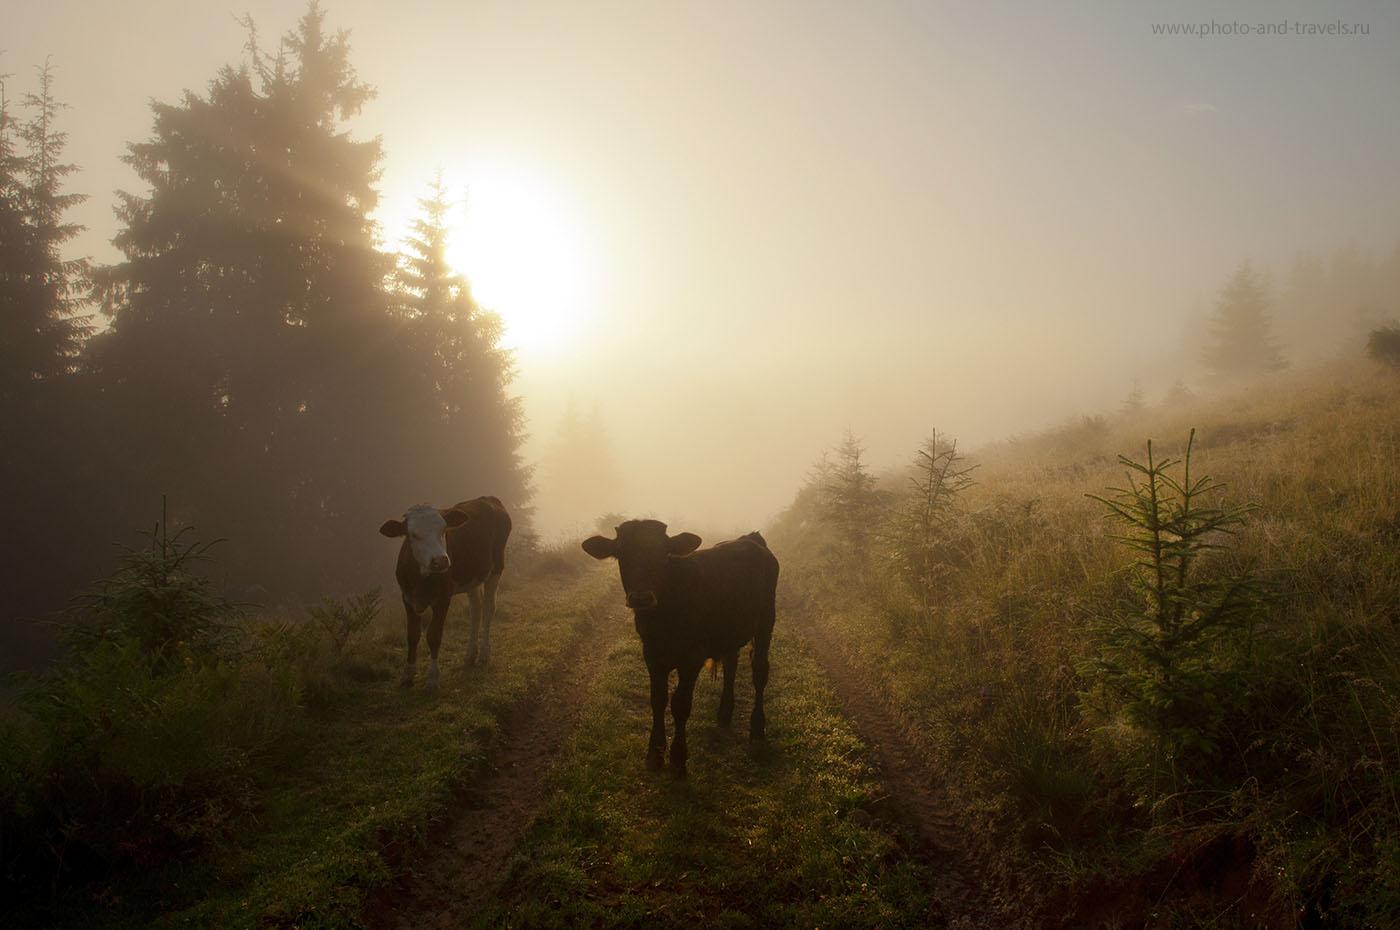 25. Встреча в тумане (1/320, -0.67, f/10, 18 mm, 200)